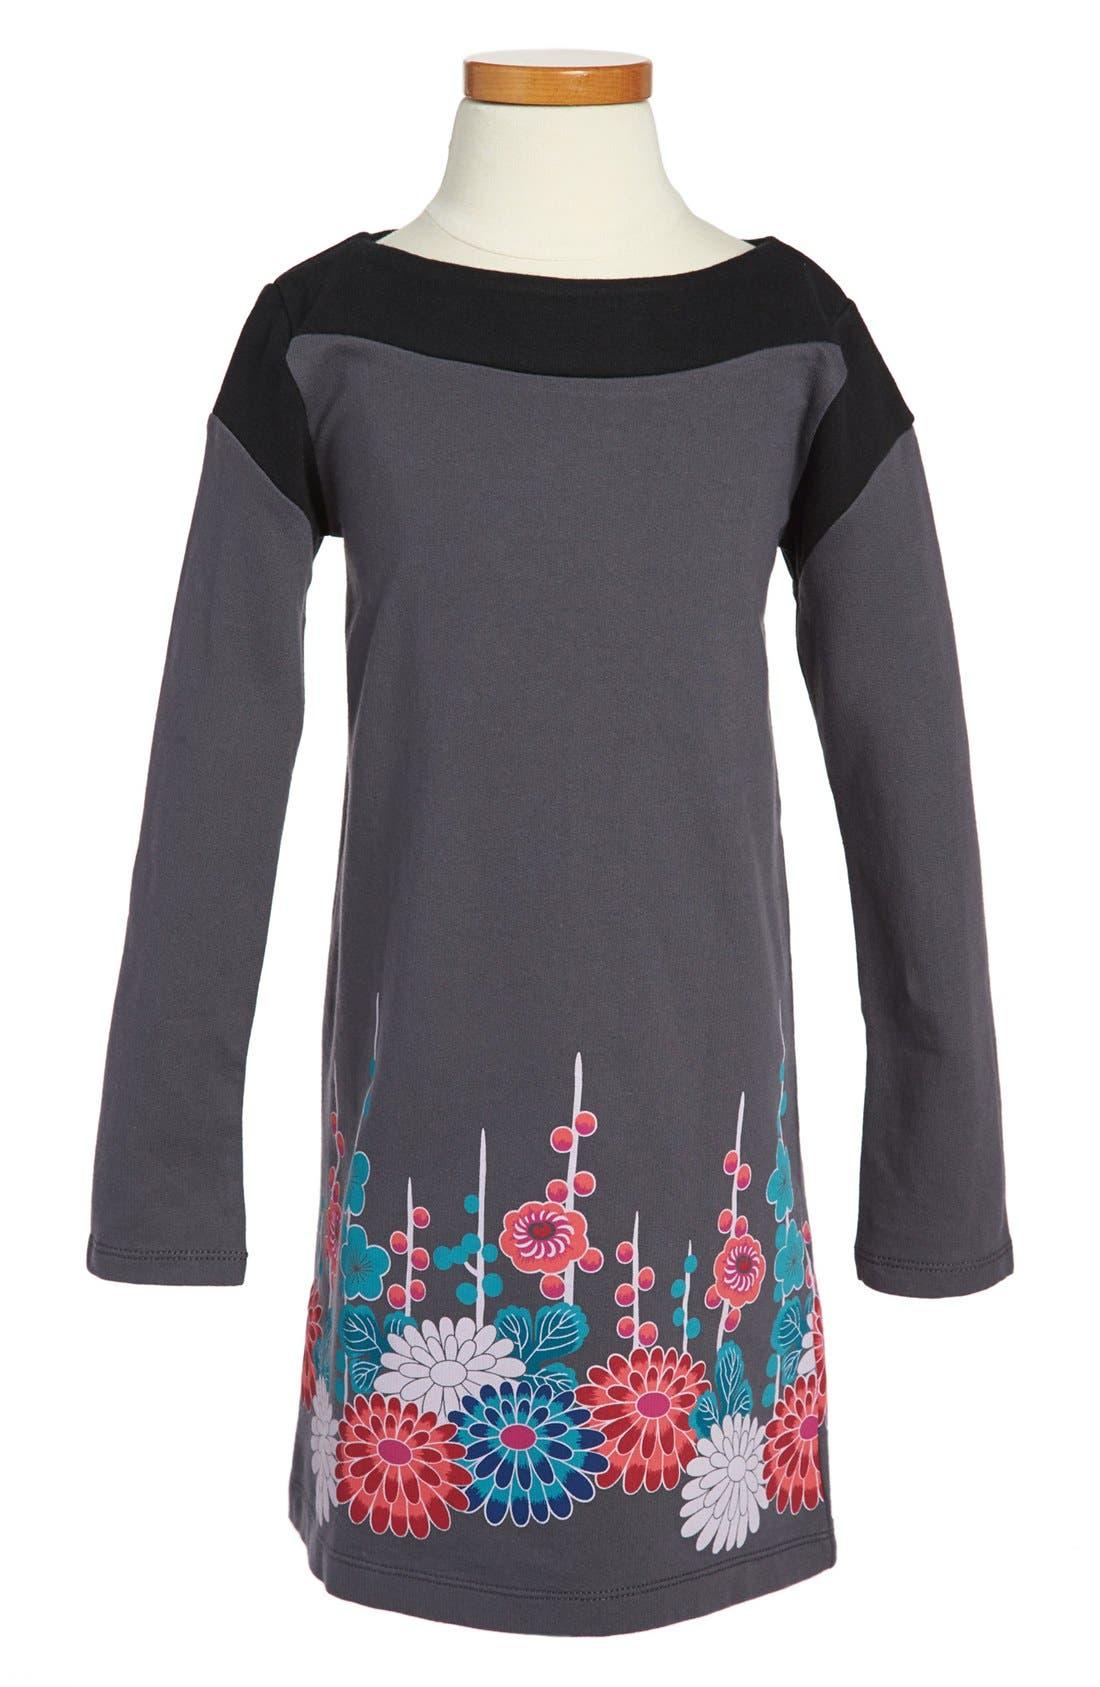 Alternate Image 1 Selected - Tea Collection Floral Border Dress (Toddler Girls, Little Girls & Big Girls)